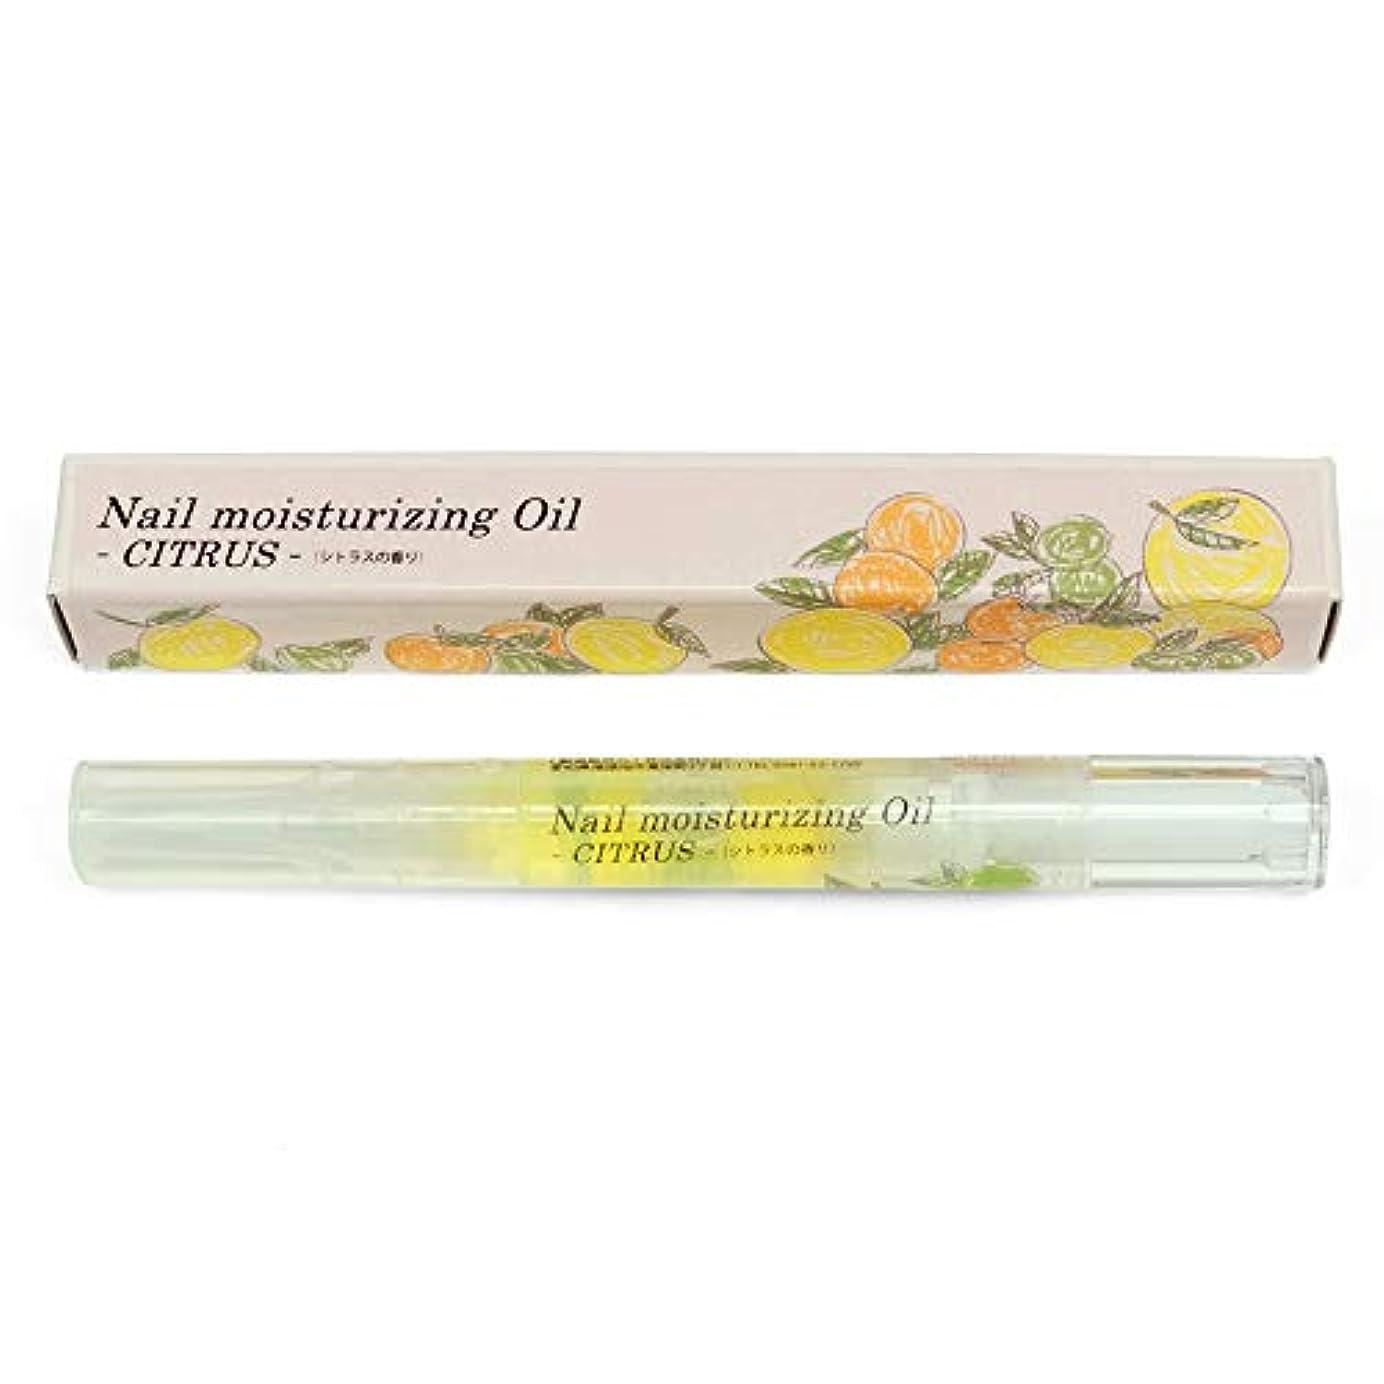 アンビエントズボン超えるease Nail moisturizing Oil ネイルオイルペン(シトラスの香り) 2ml